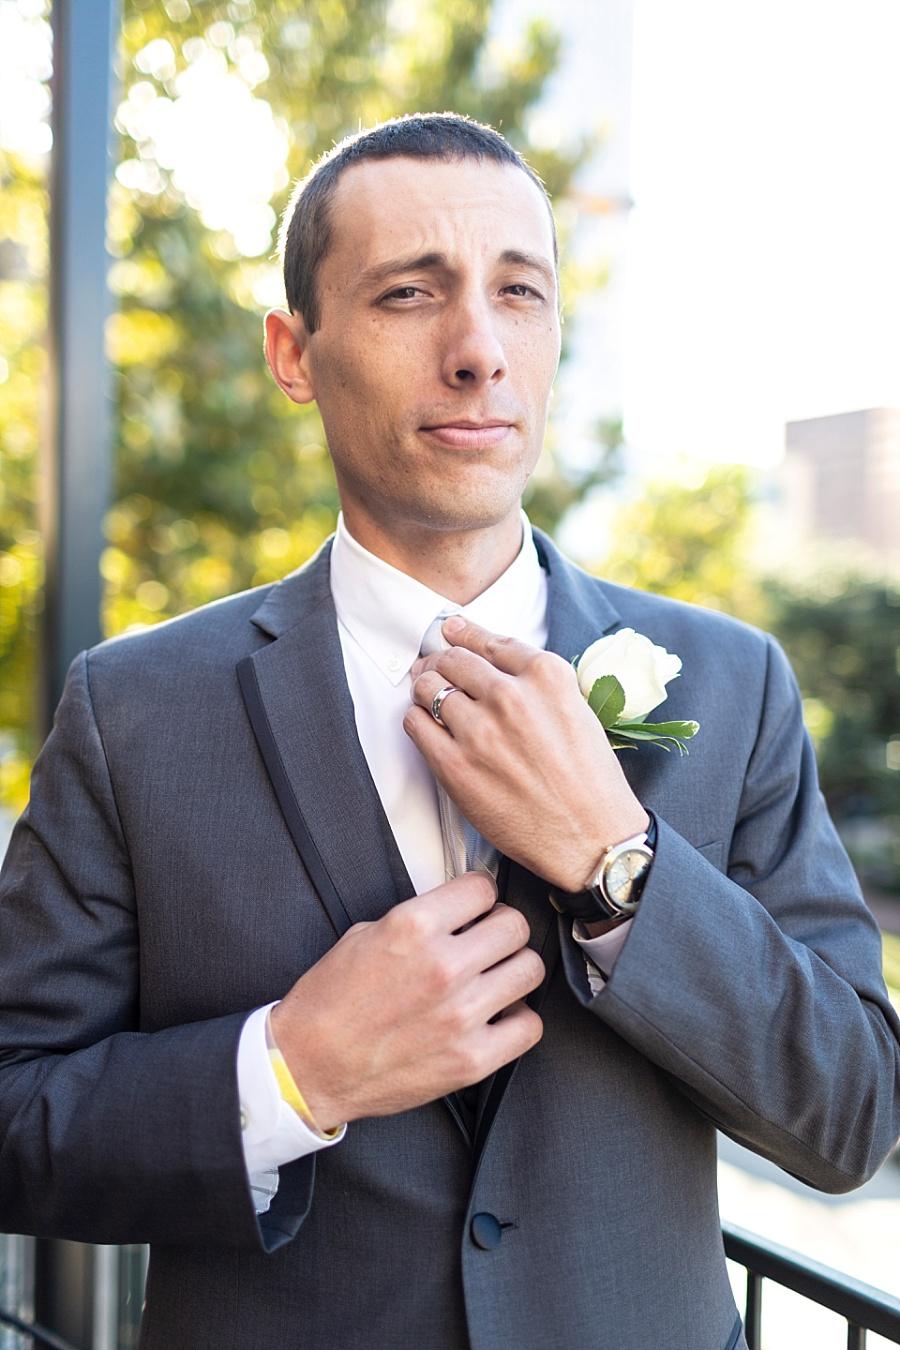 Stacy Anderson Photography Annunciation Church Houston Treebeard's Wedding Photographer_0003.jpg